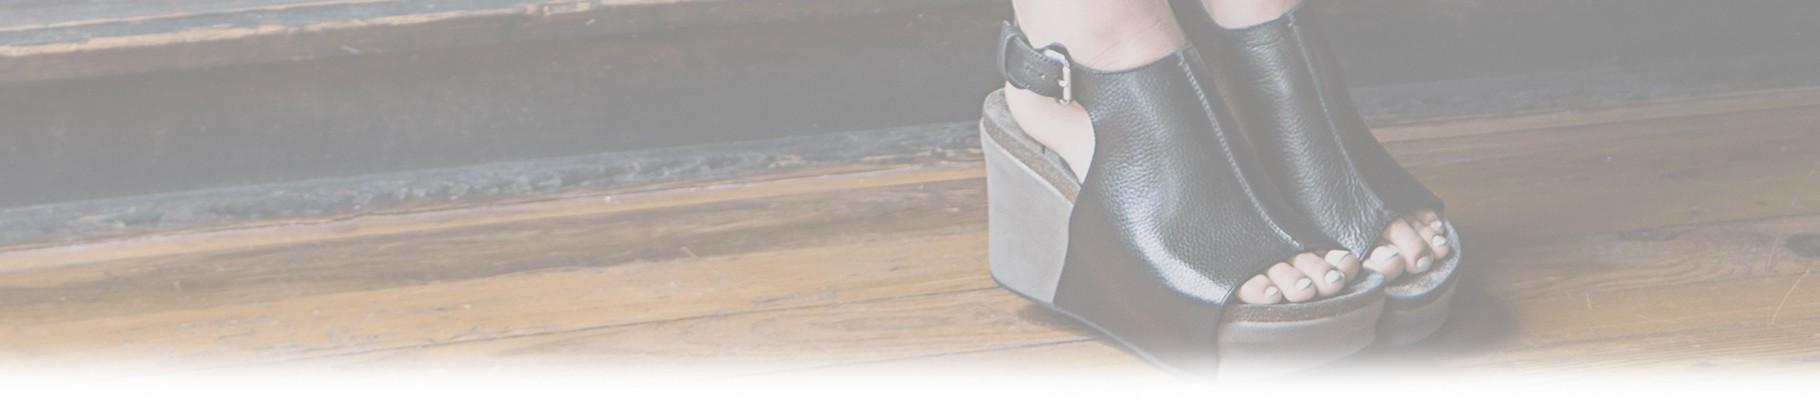 Le zeppe ti permettono di affrontare gli impegni quotidiani glamour